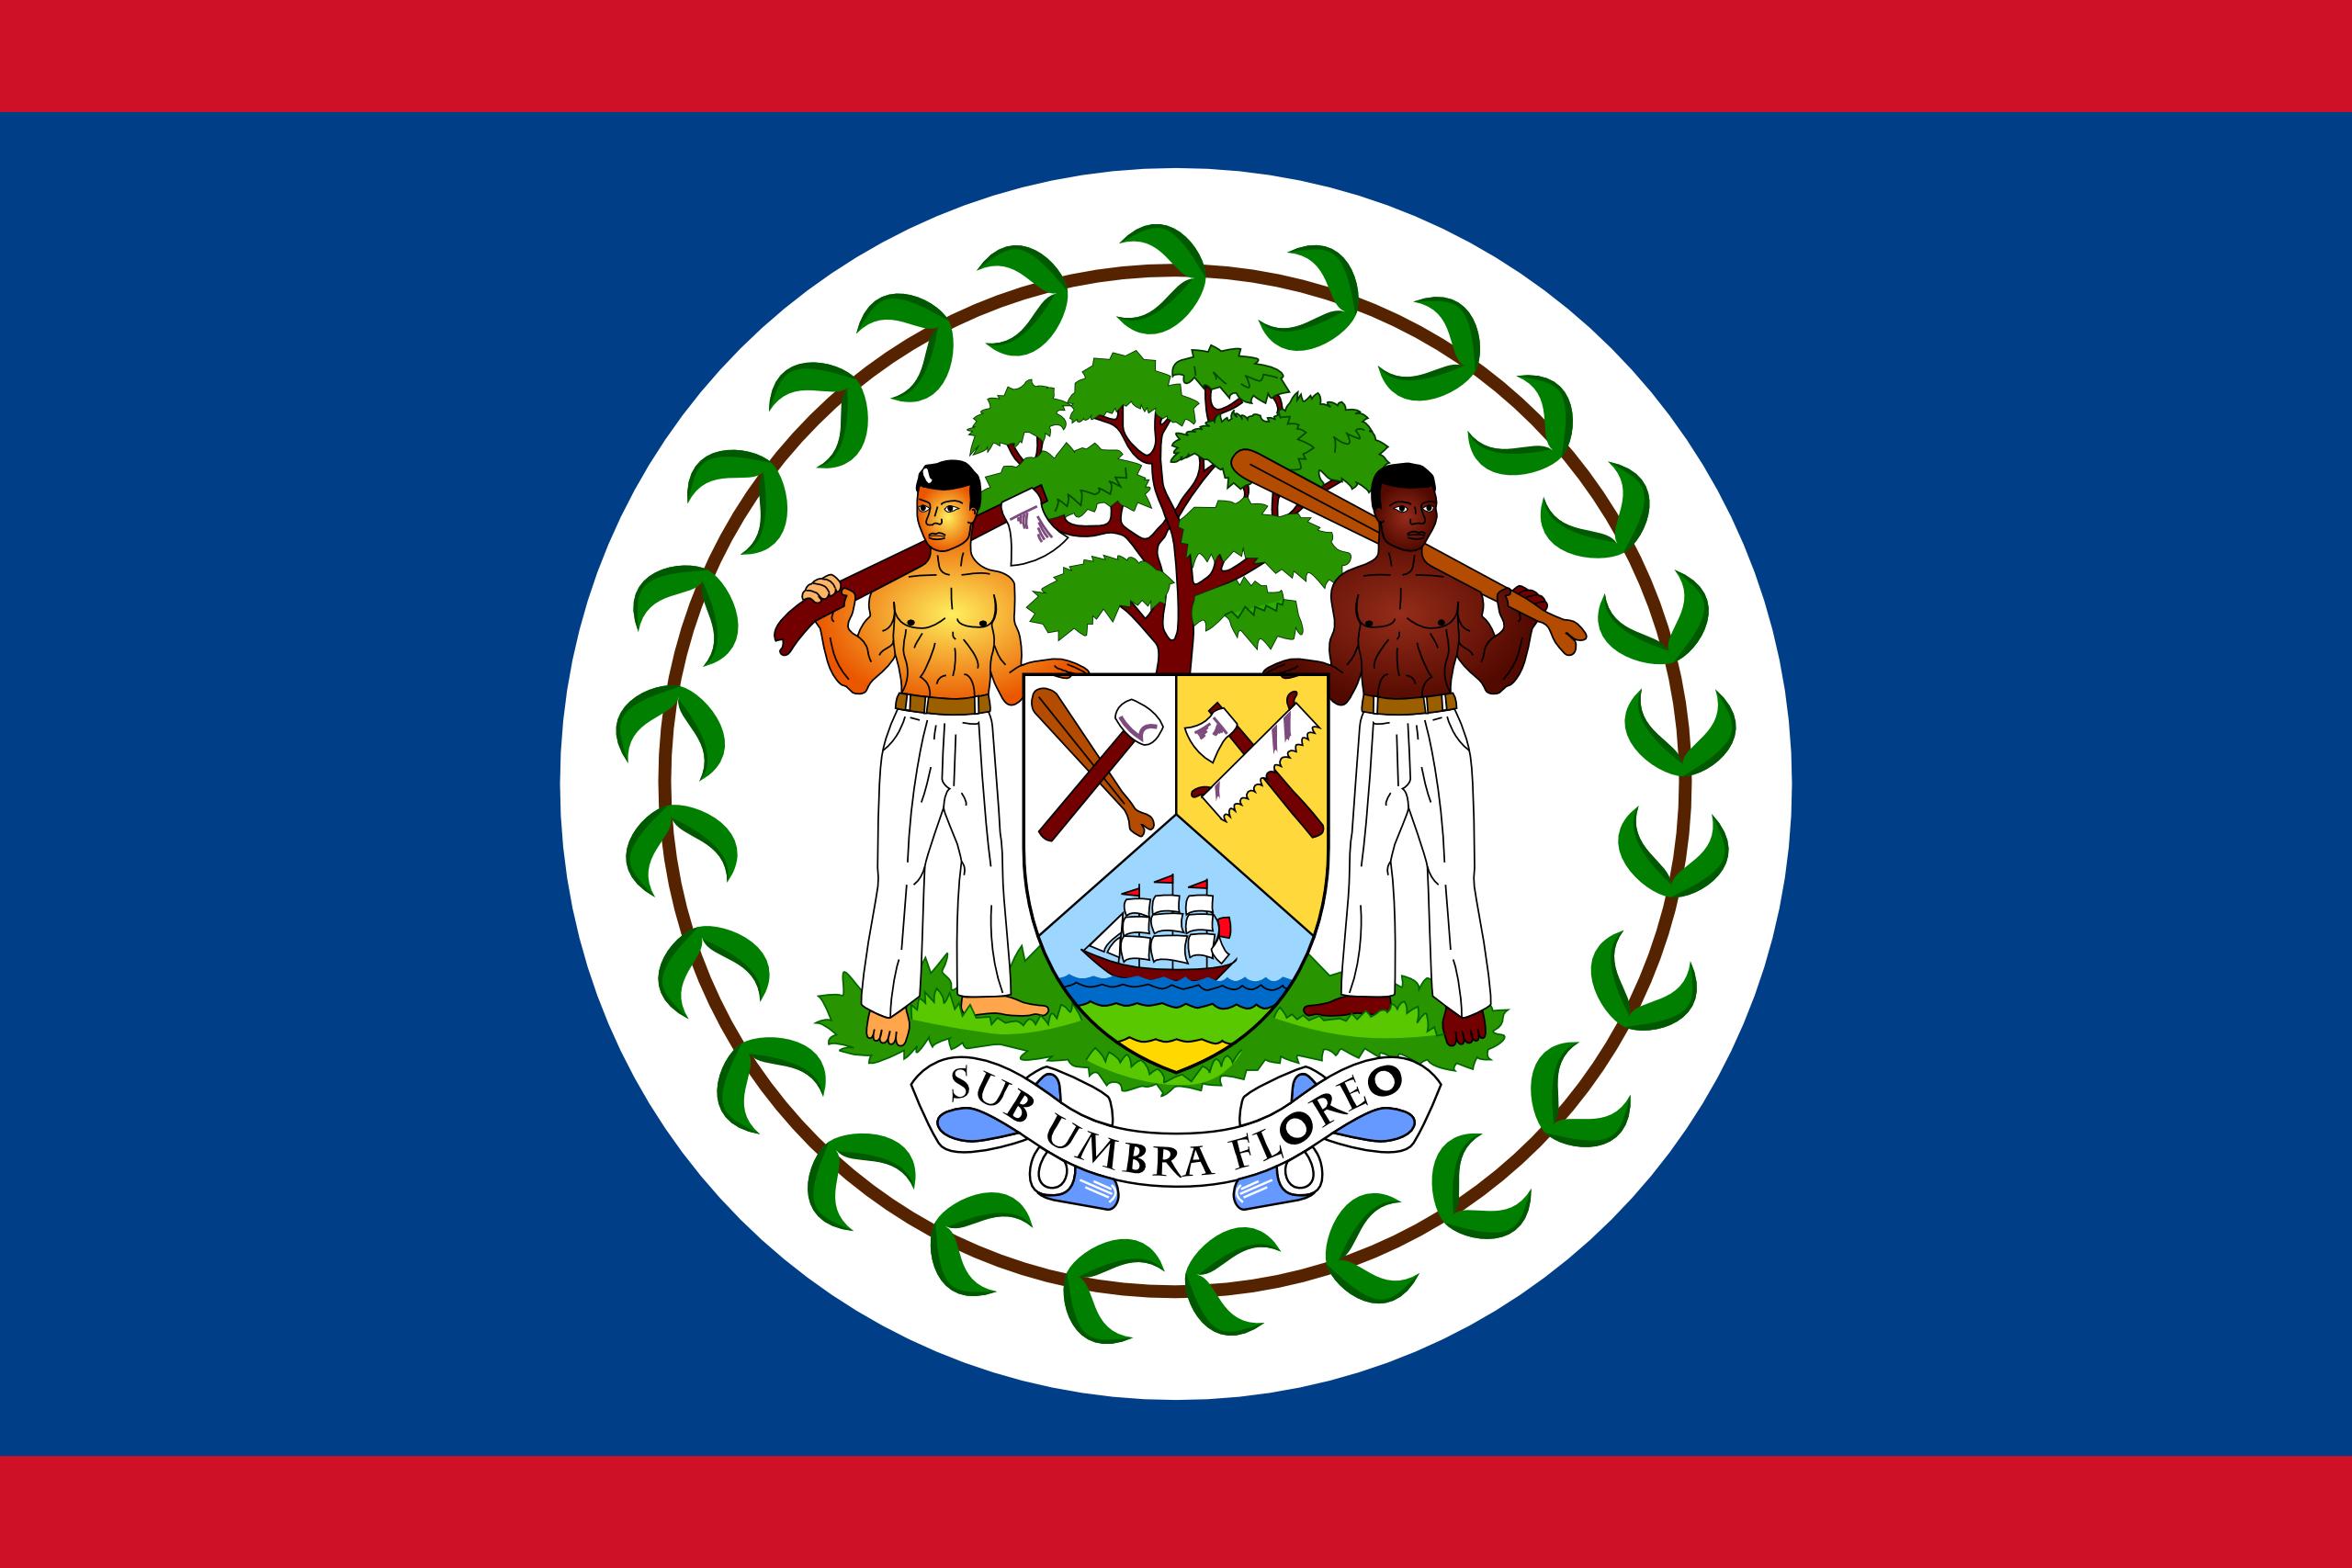 Belize, pays, emblème, logo, symbole - Fonds d'écran HD - Professor-falken.com